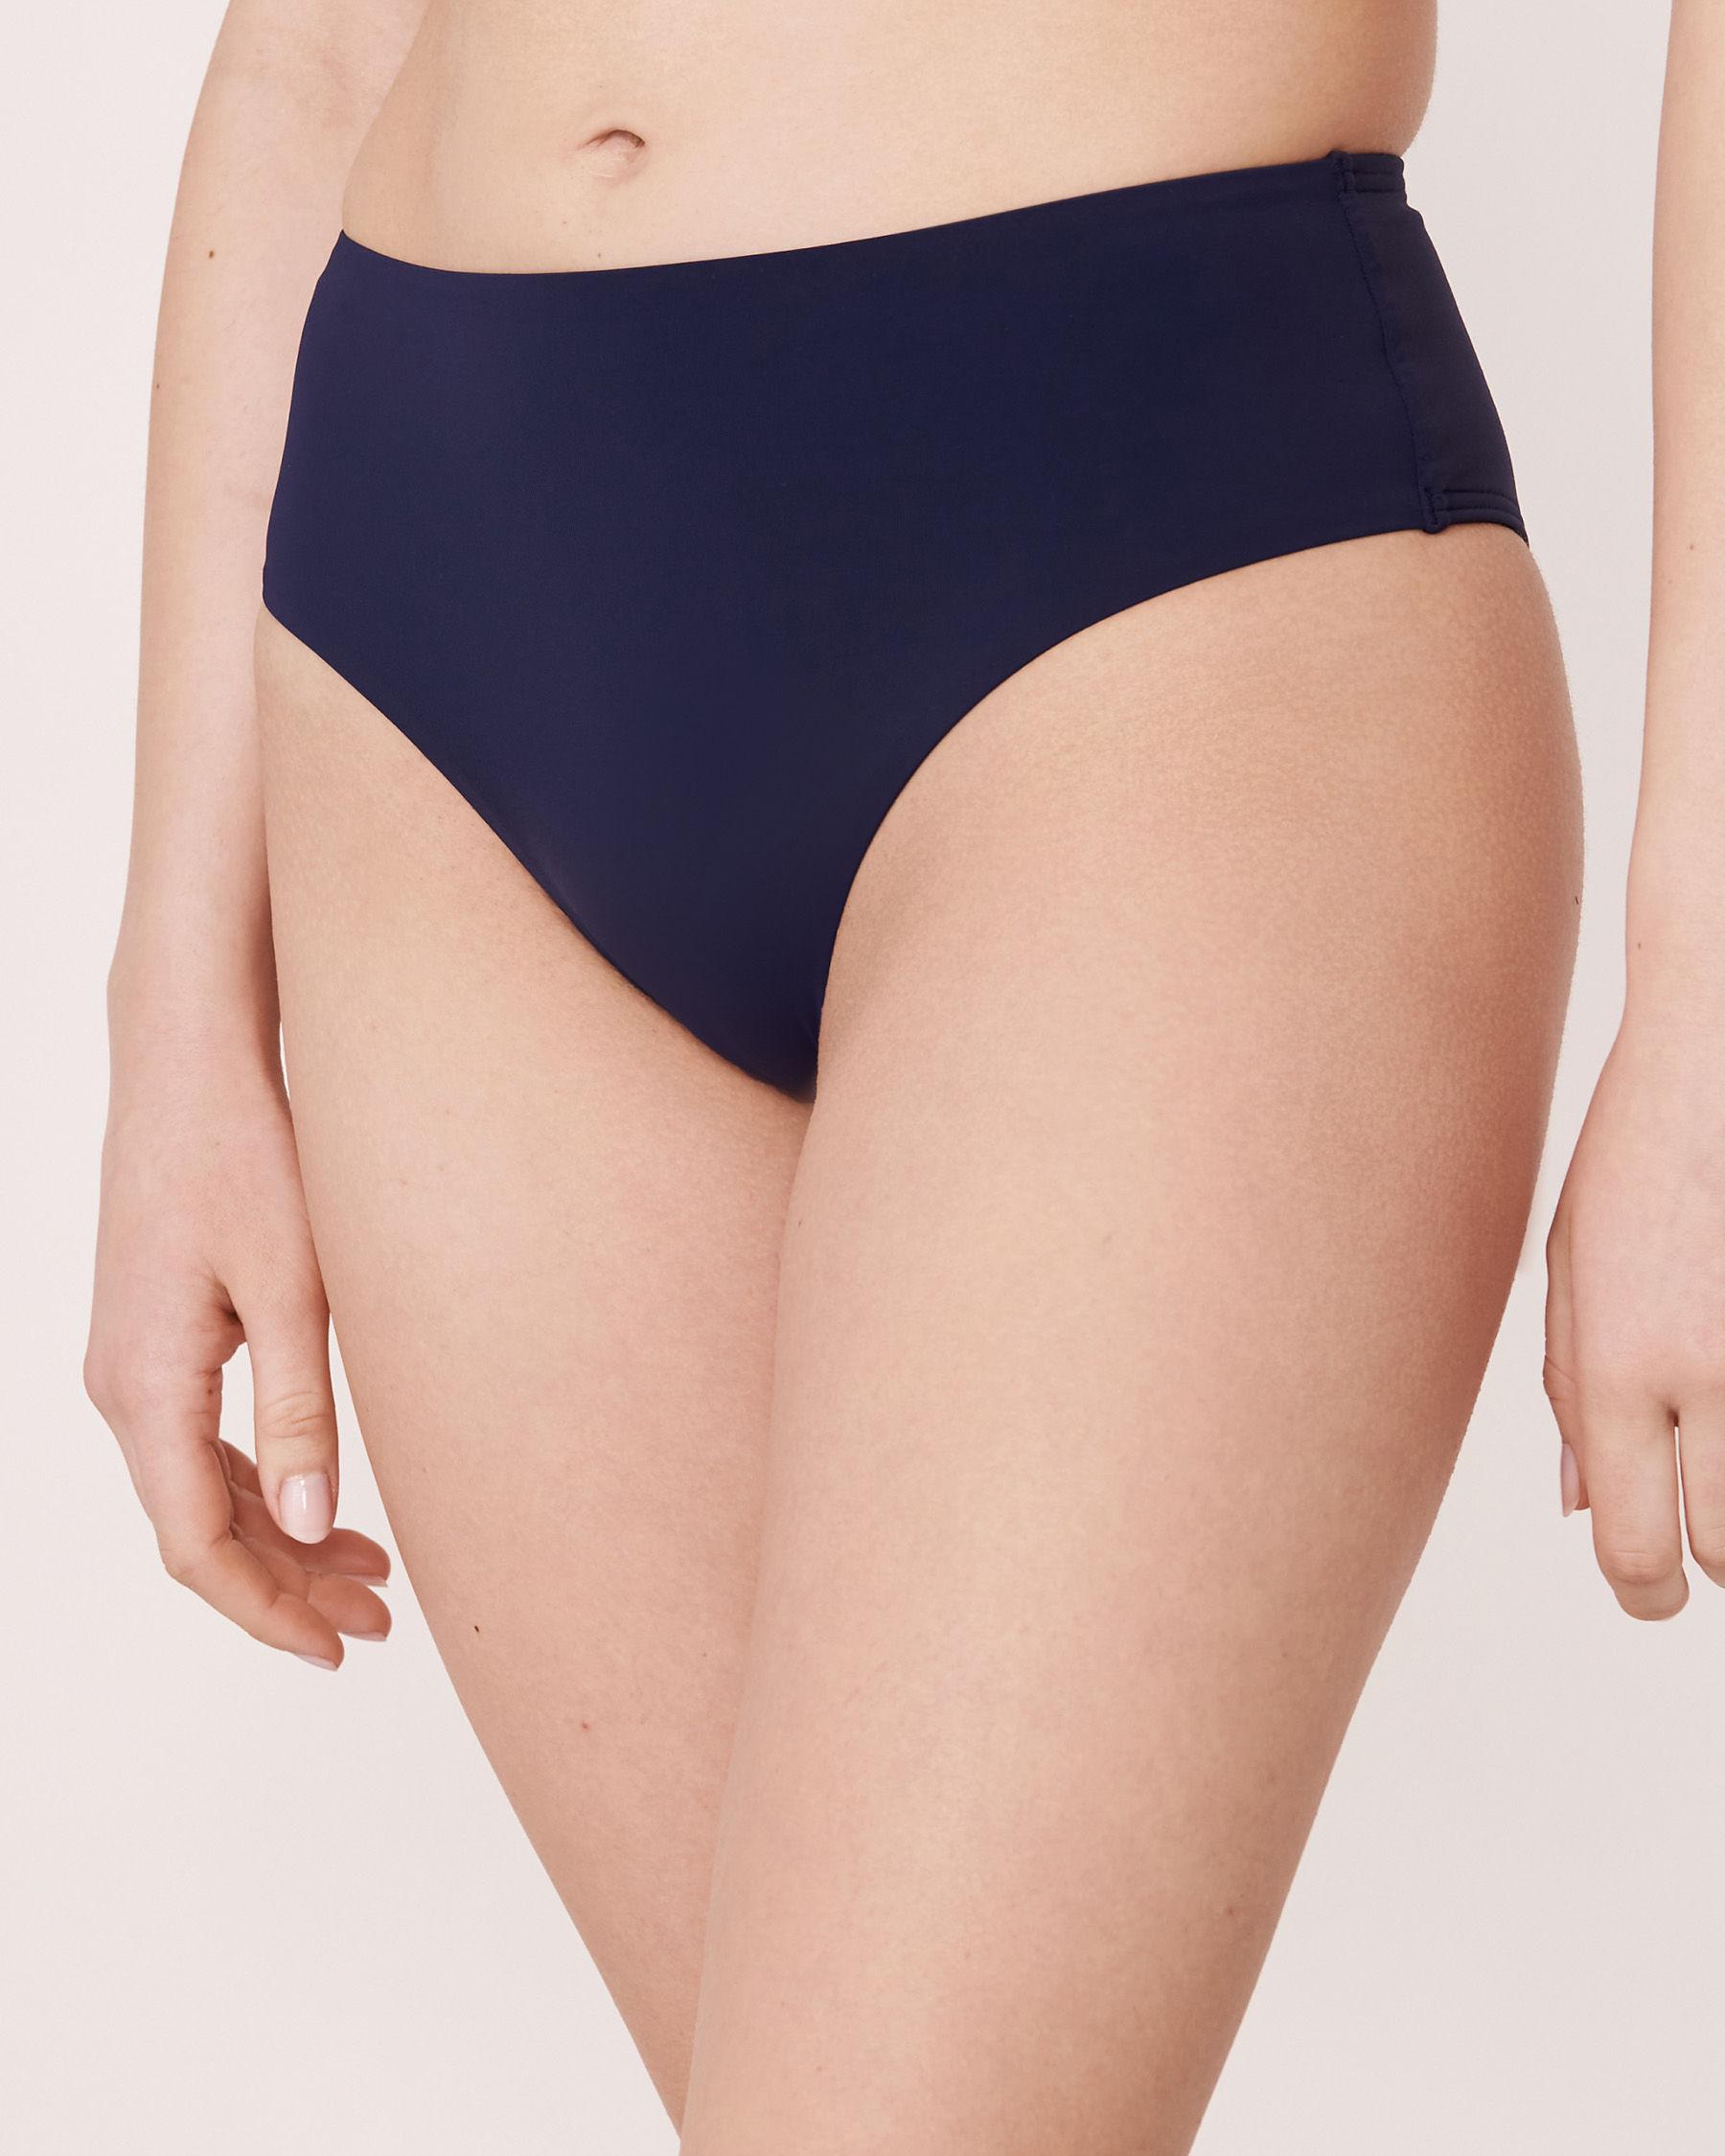 LA VIE EN ROSE AQUA Bas de bikini taille mi-haute PEACOAT Bleu marin 70300039 - Voir1